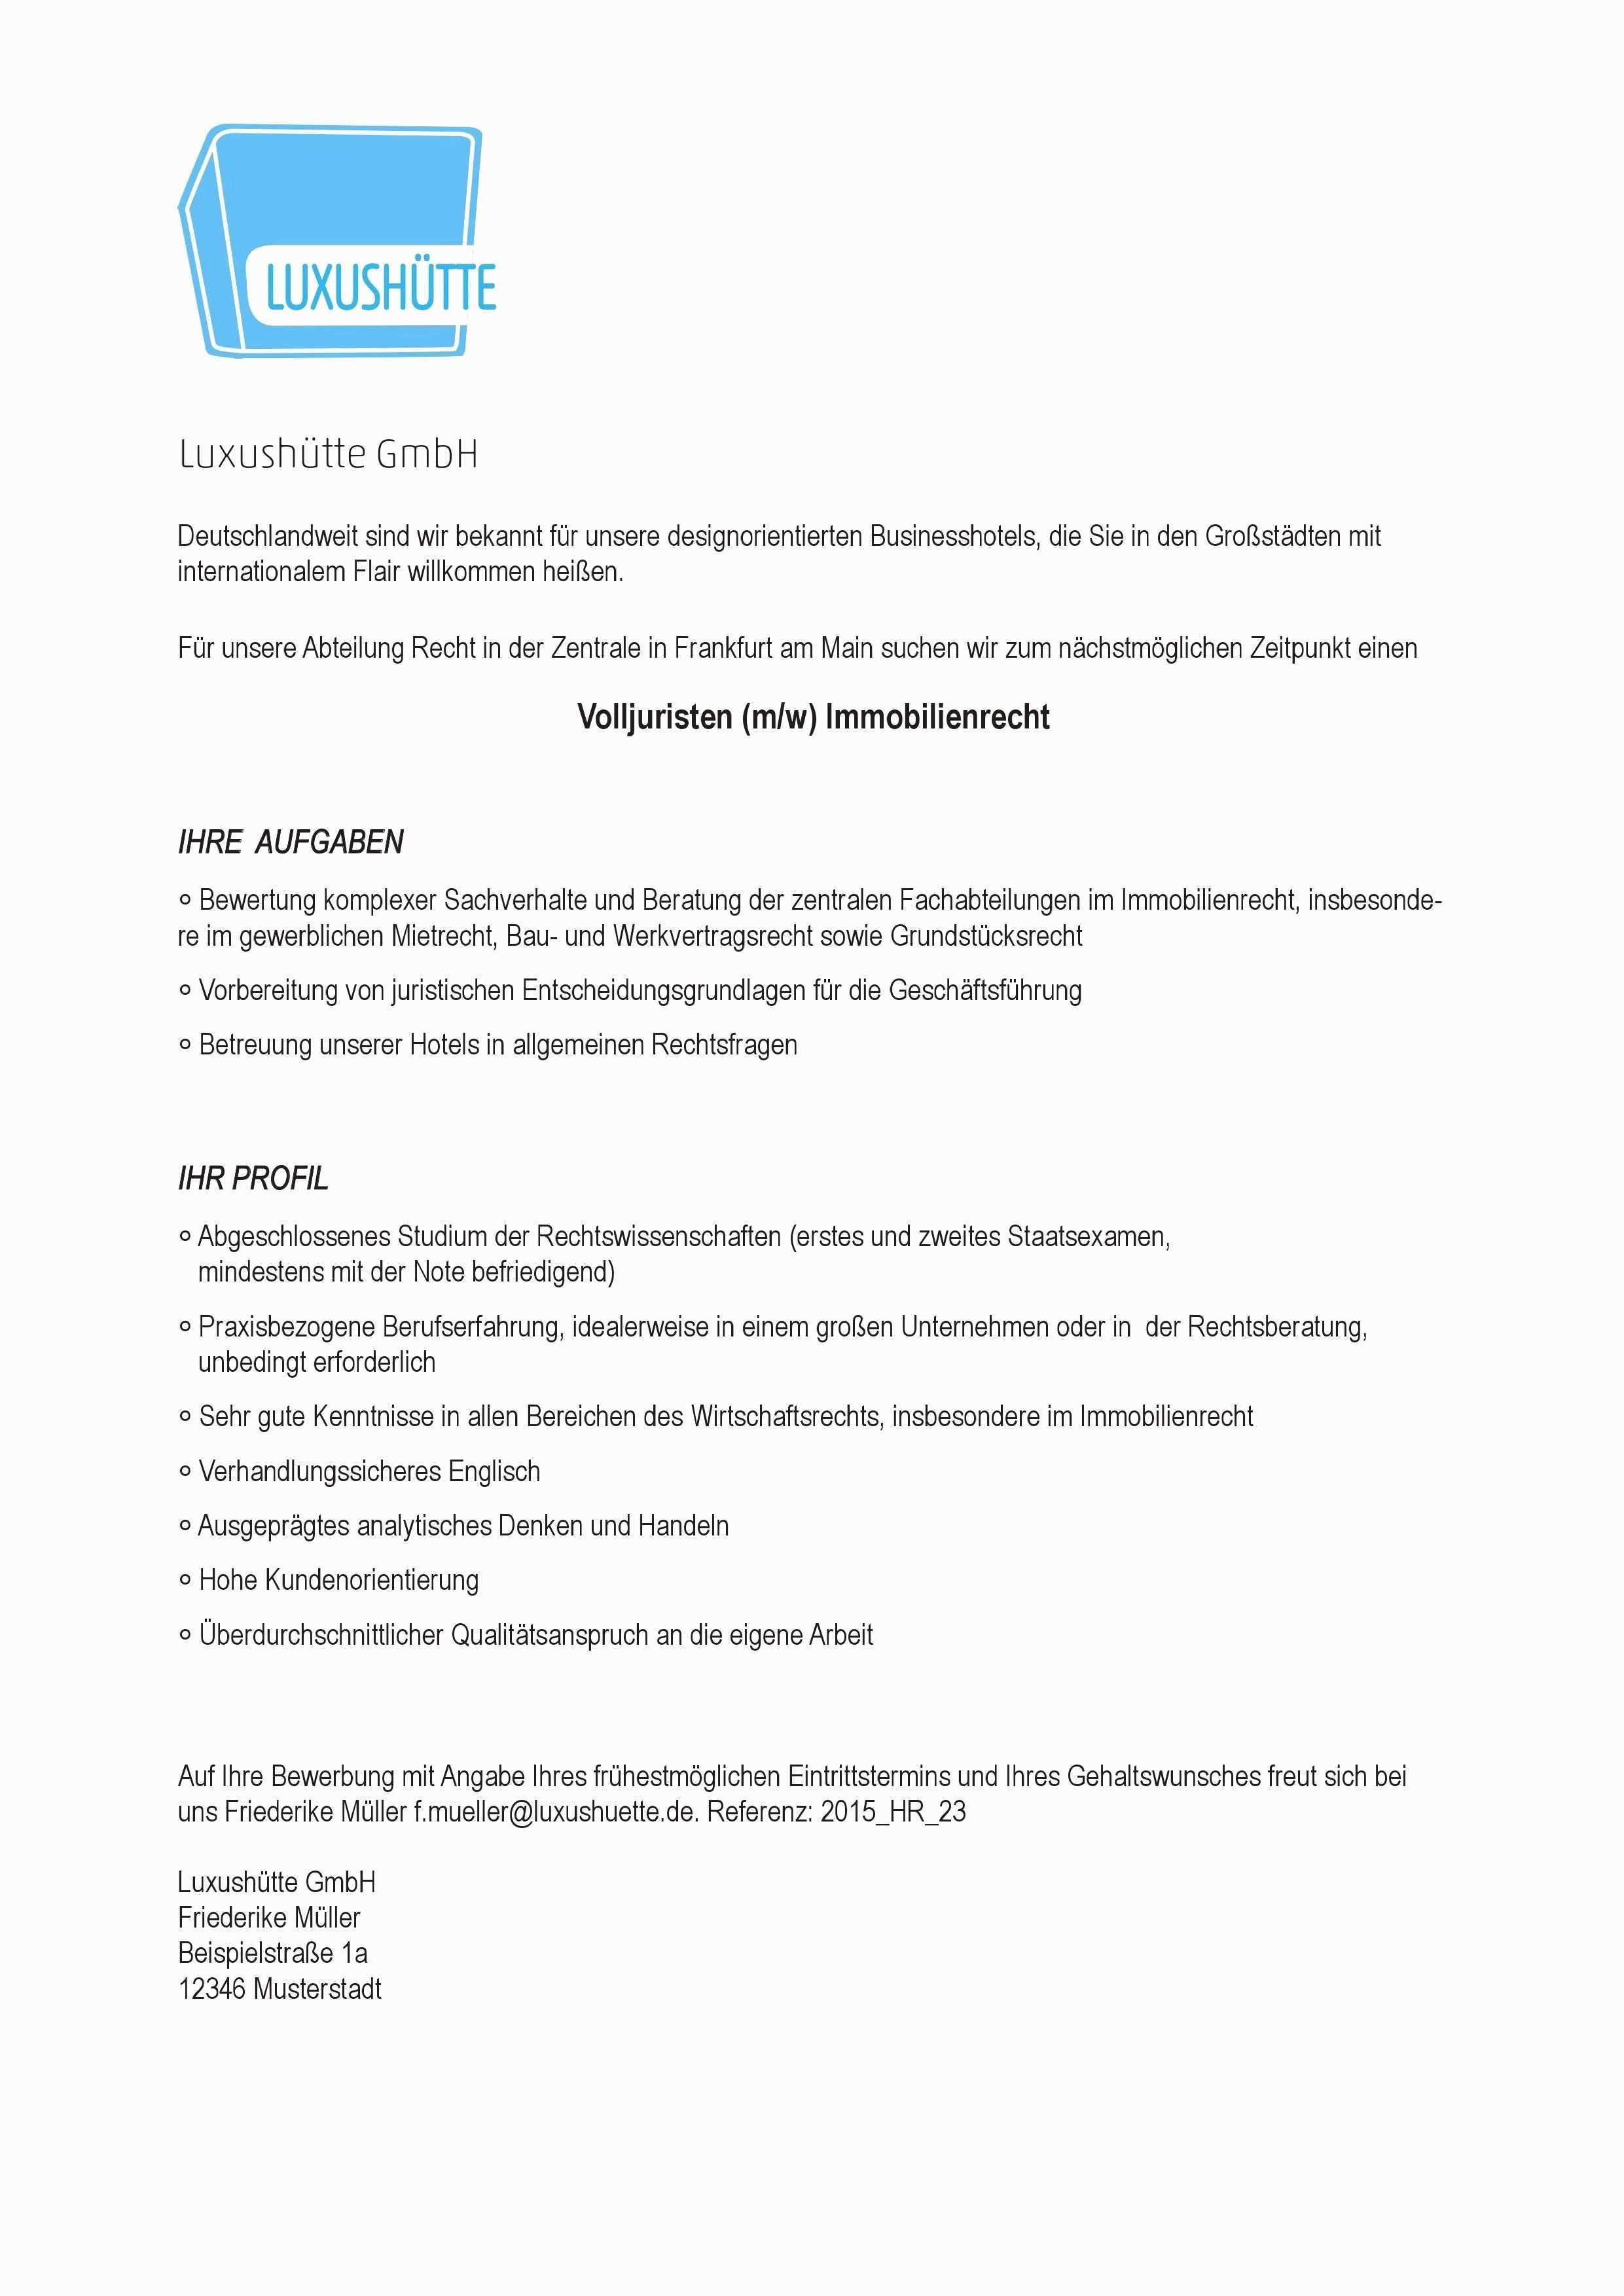 Neu Motivationsschreiben Verfassungsschutz Briefprobe Briefformat Briefvorlage Lebenslauf Vorlagen Lebenslauf Absage Bewerbung